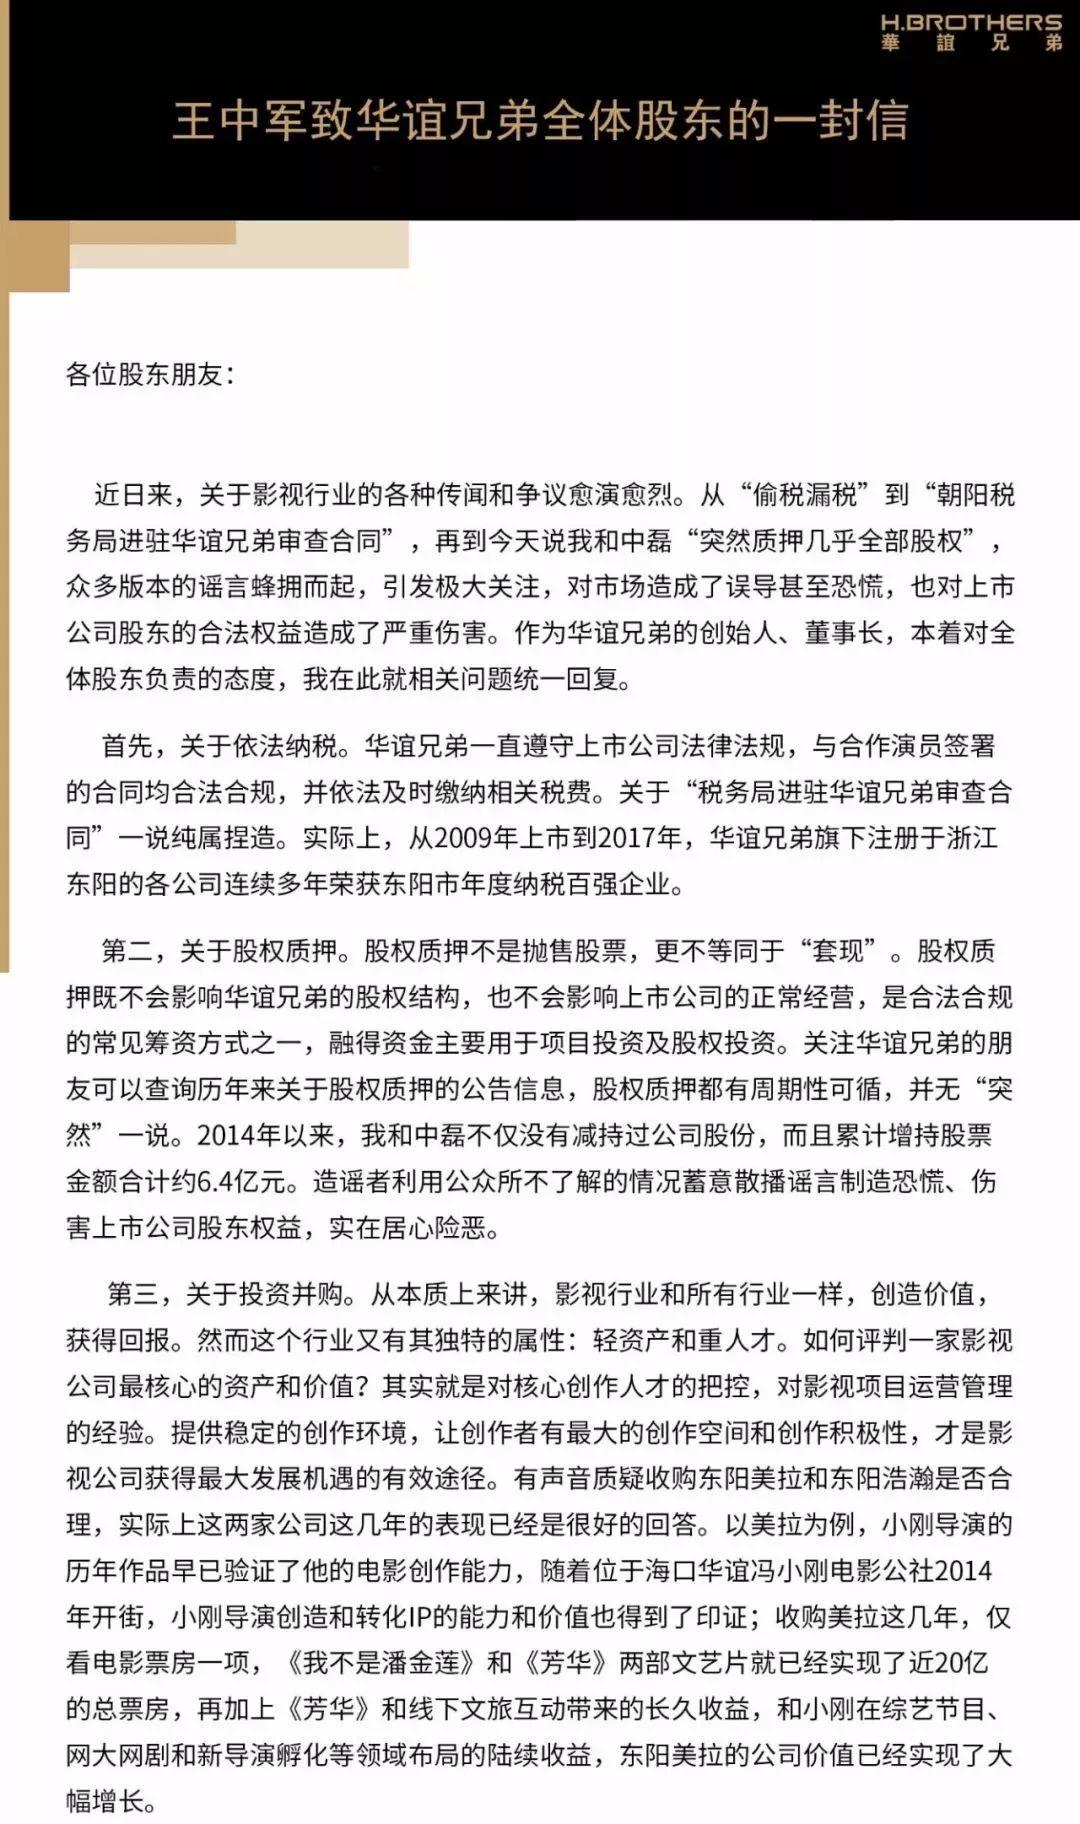 """""""华谊兄弟""""的饱受痛击,是为影视产业在买单吗?"""